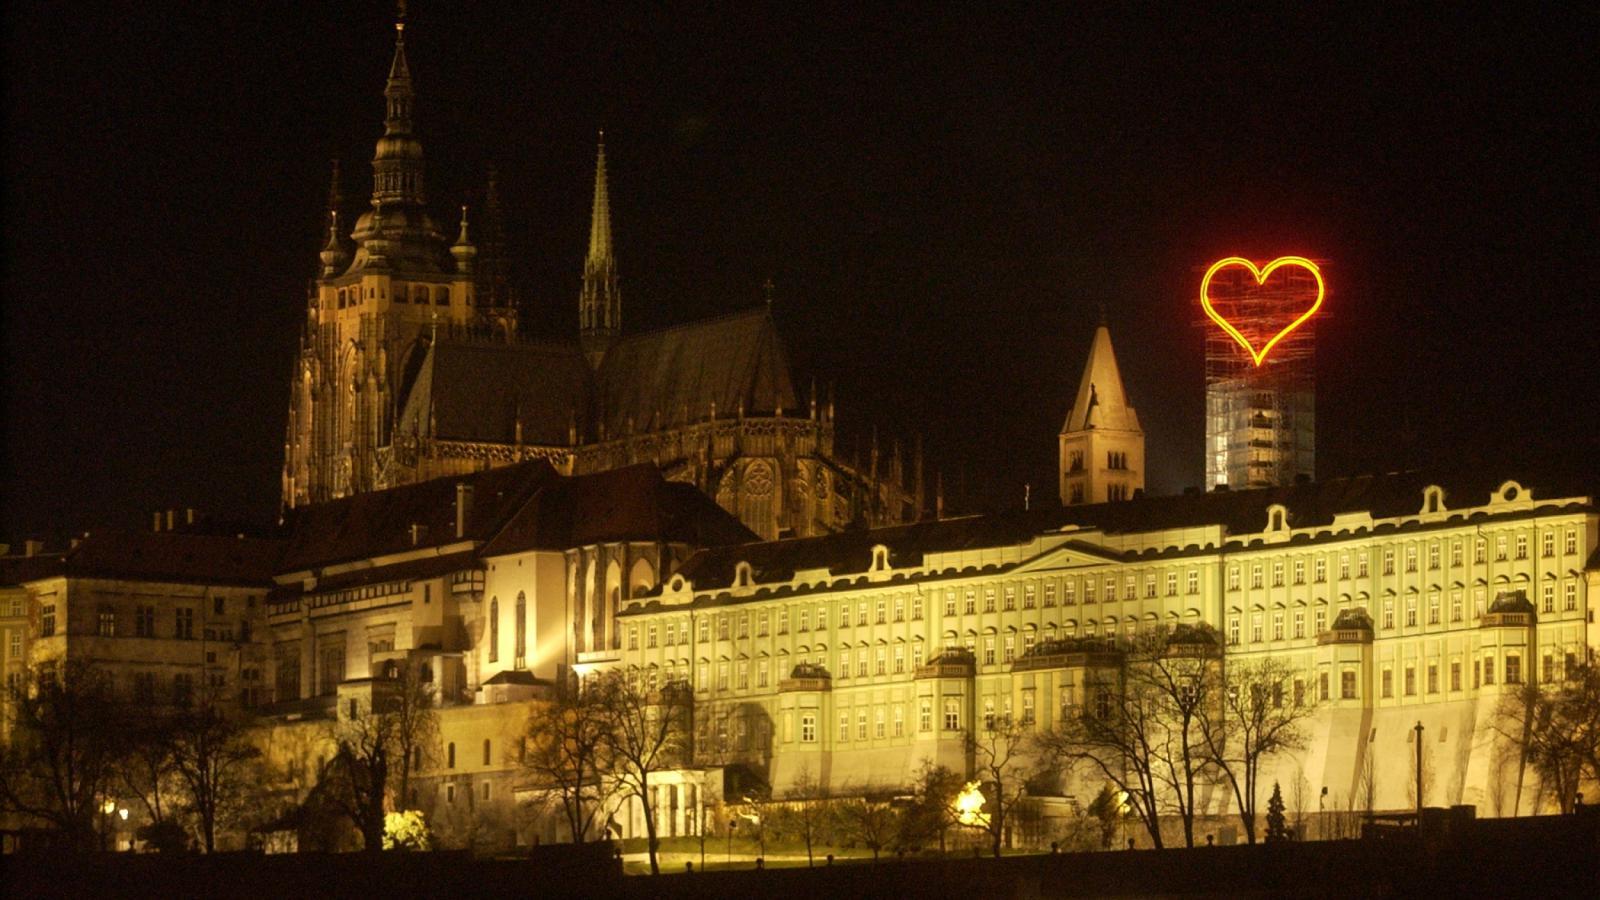 Neonové srdce od Jiřího Davida nad Pražským hradem